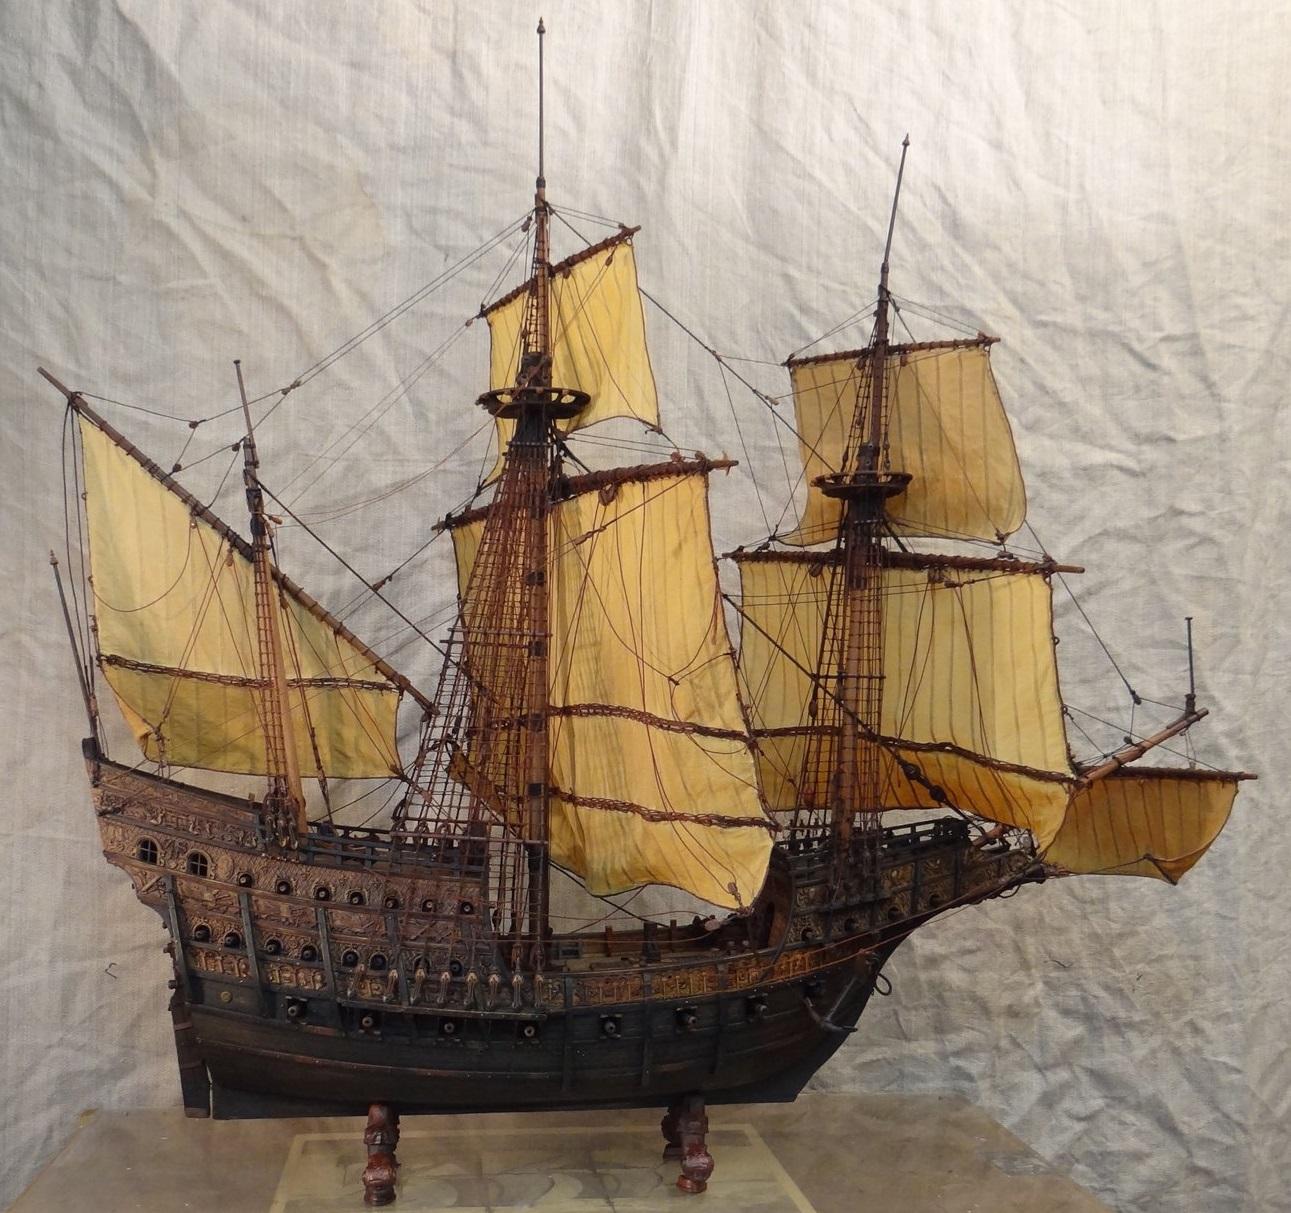 Old Nau - Carrack model